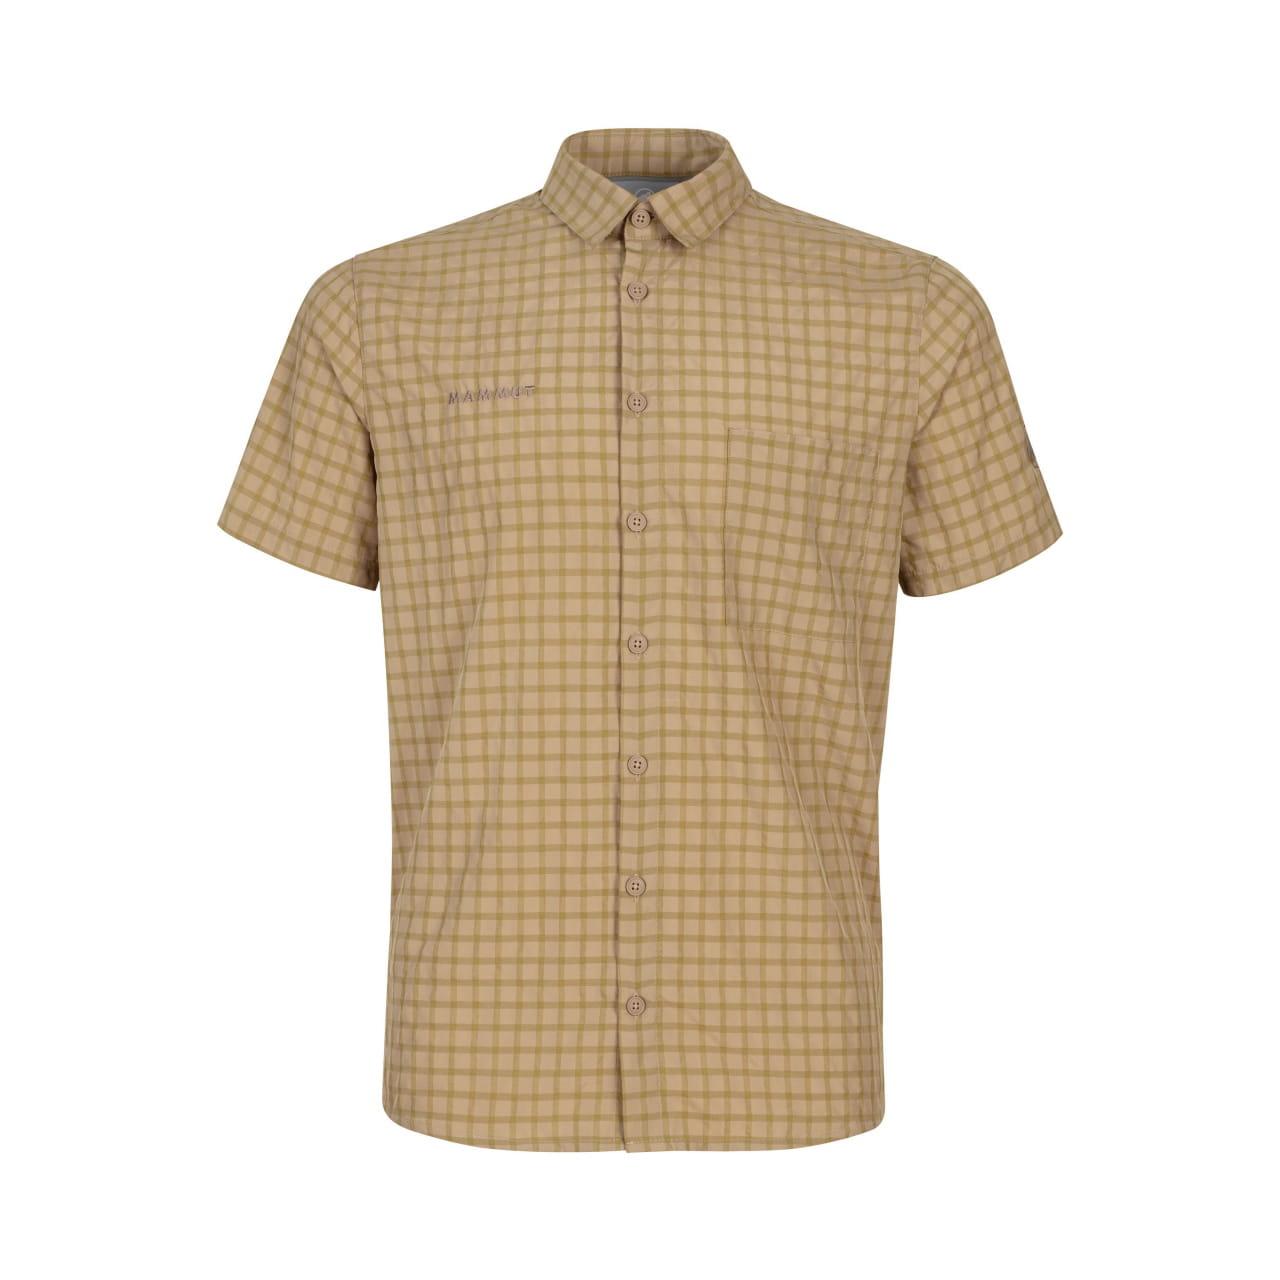 Pánská košile s krátkým rukávem Mammut Lenni Shirt Men